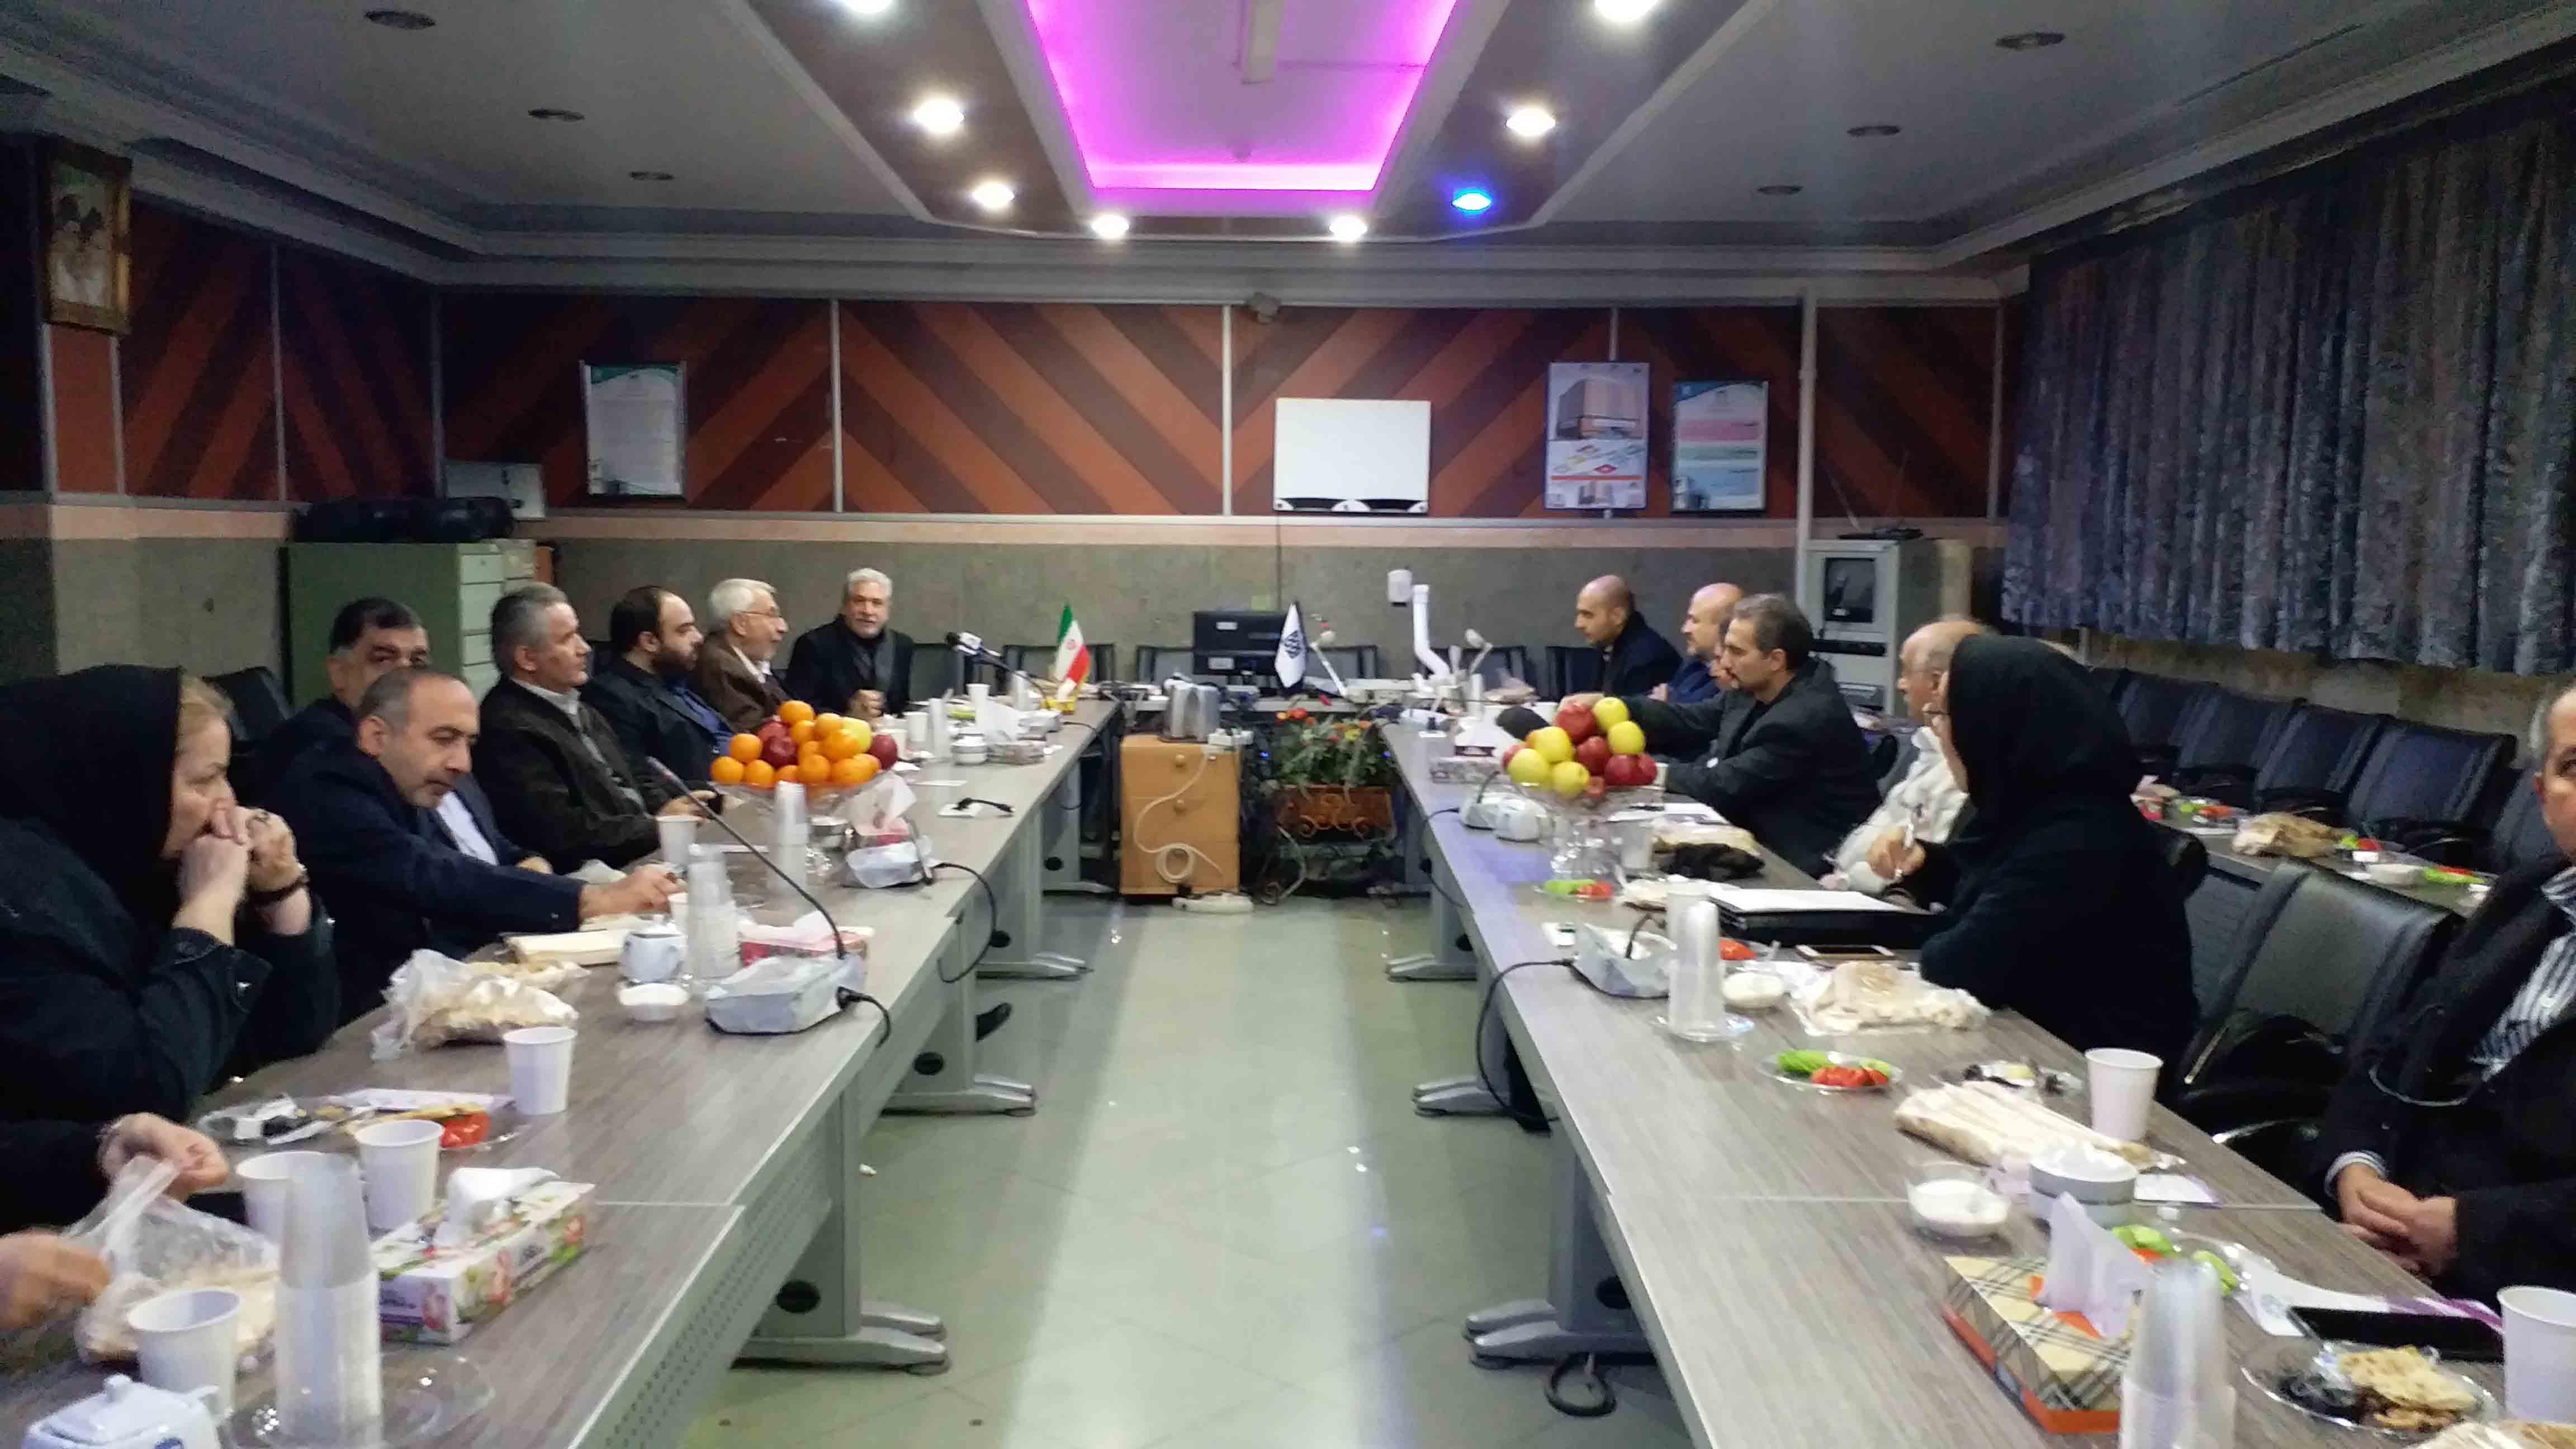 جلسه هیات مدیره و هیات امناء بنیاد با حضور مهندس علیزاده معاونت محترم وزارت راه ۹۶/۱۱/۰۳